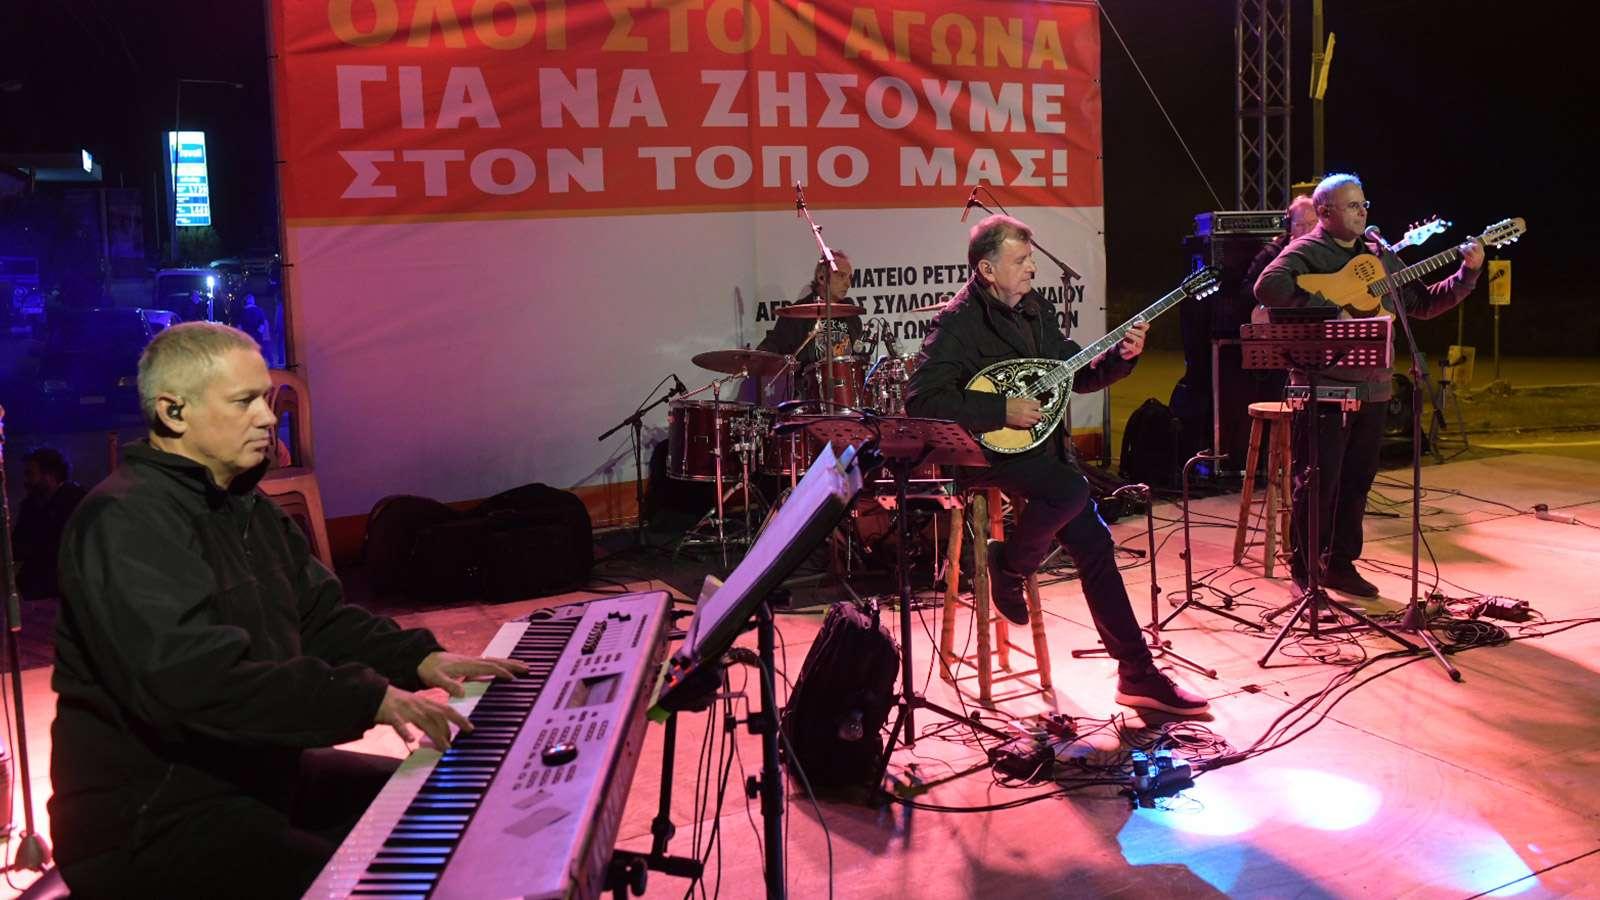 strofilia μεγάλη συναυλία αλληλεγγύης διεκδίκησης Στροφιλιάς 5